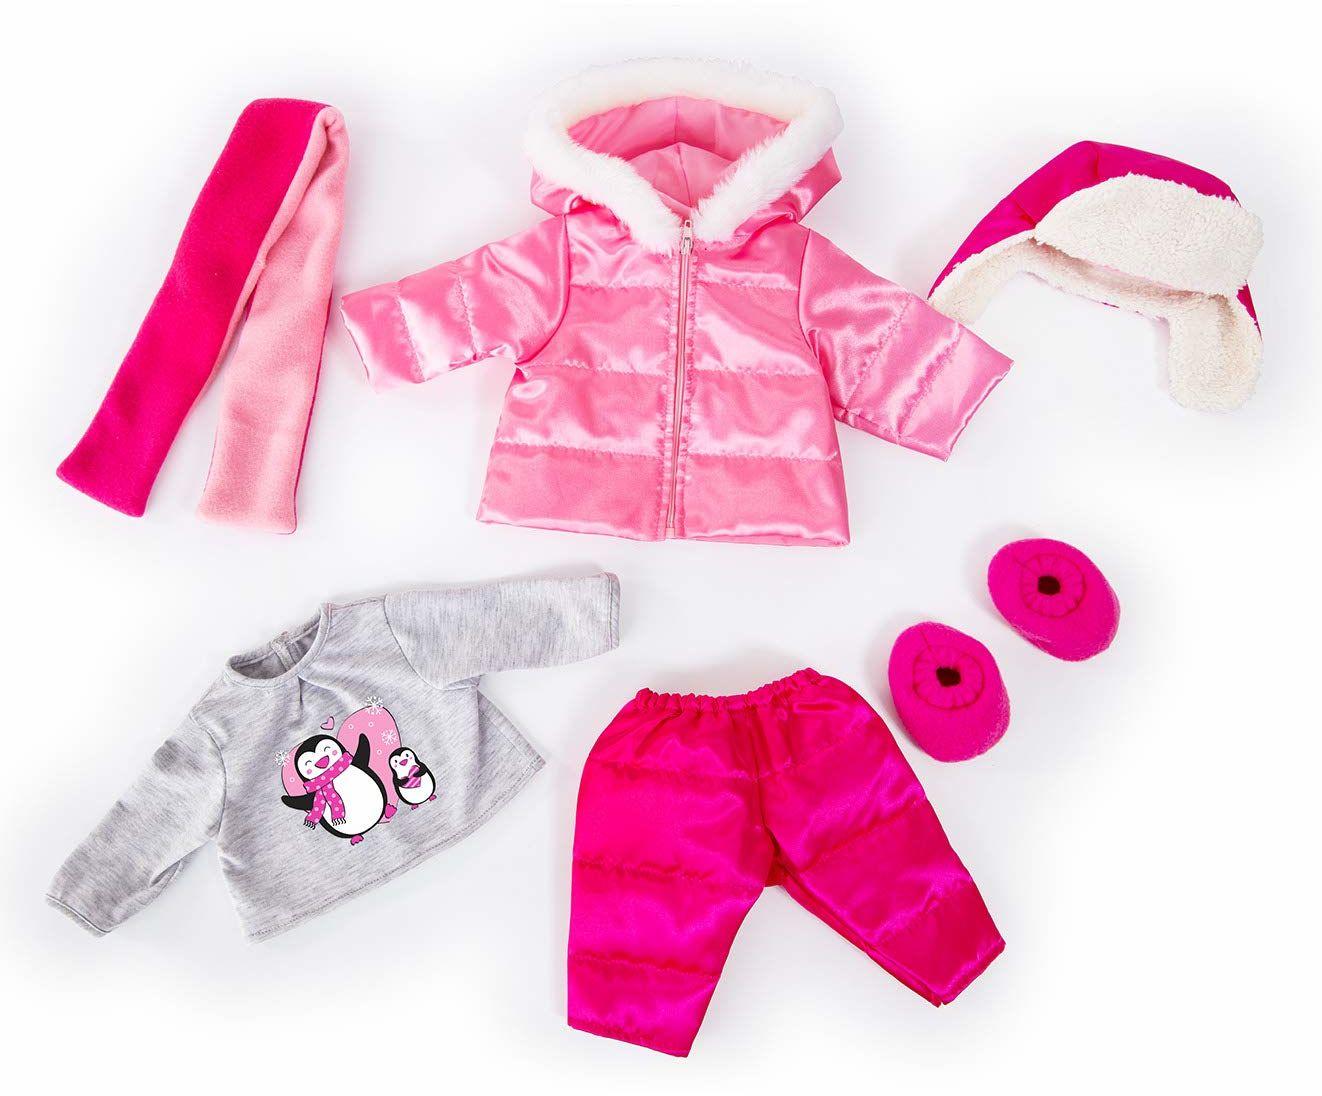 odzież dla lalek, ubrania zimowe, ubrania dla lalek, 40-46 cm, kombinezon narciarski ze spodniami, kurtka, kapelusz, szalik, buty, 84613AA